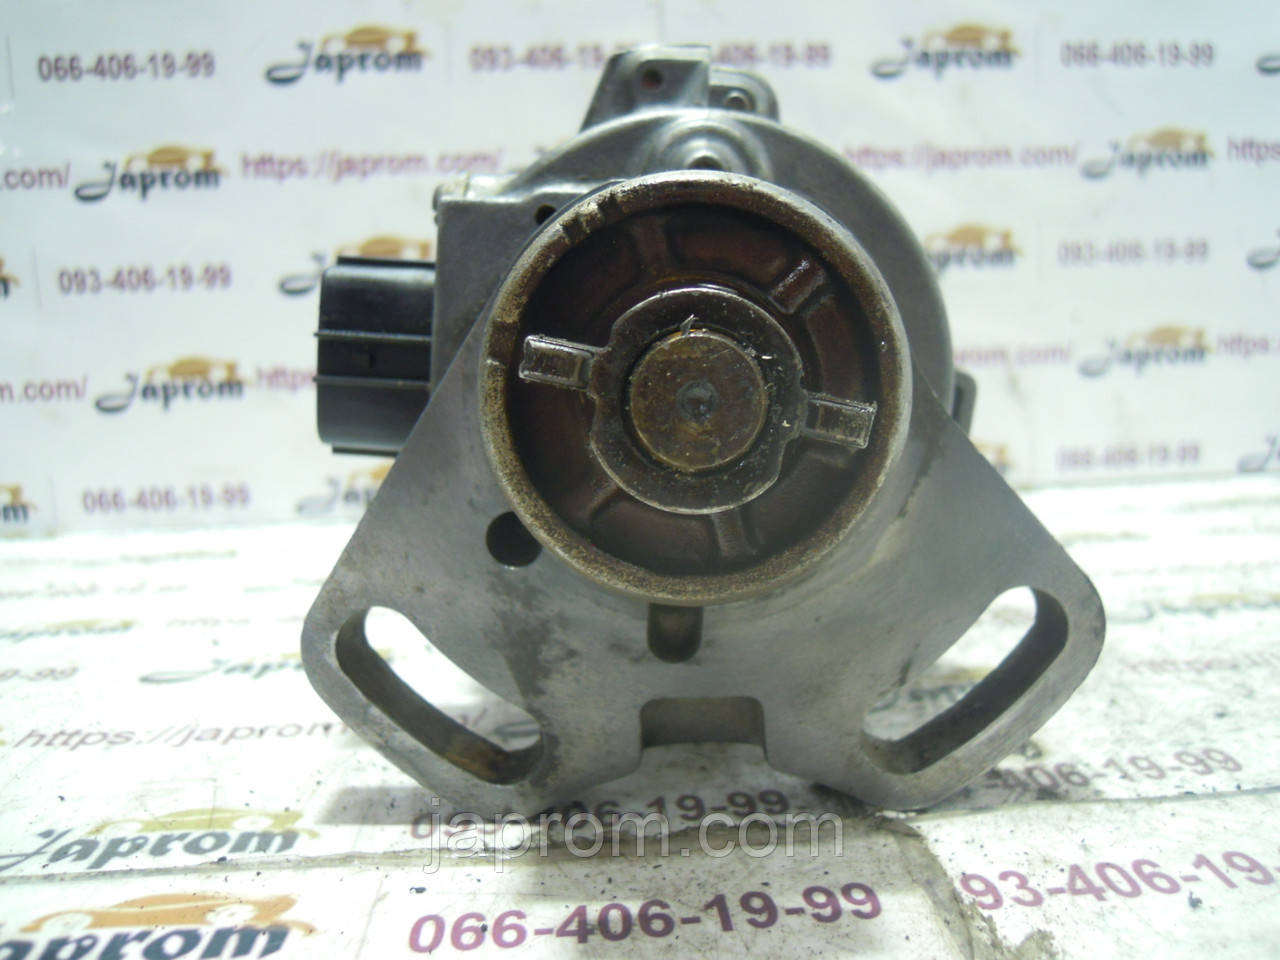 Распределитель (Трамблер) зажигания Mazda 323 BG 1990-1991 г.в 1.6R4 T2T52371 BP01